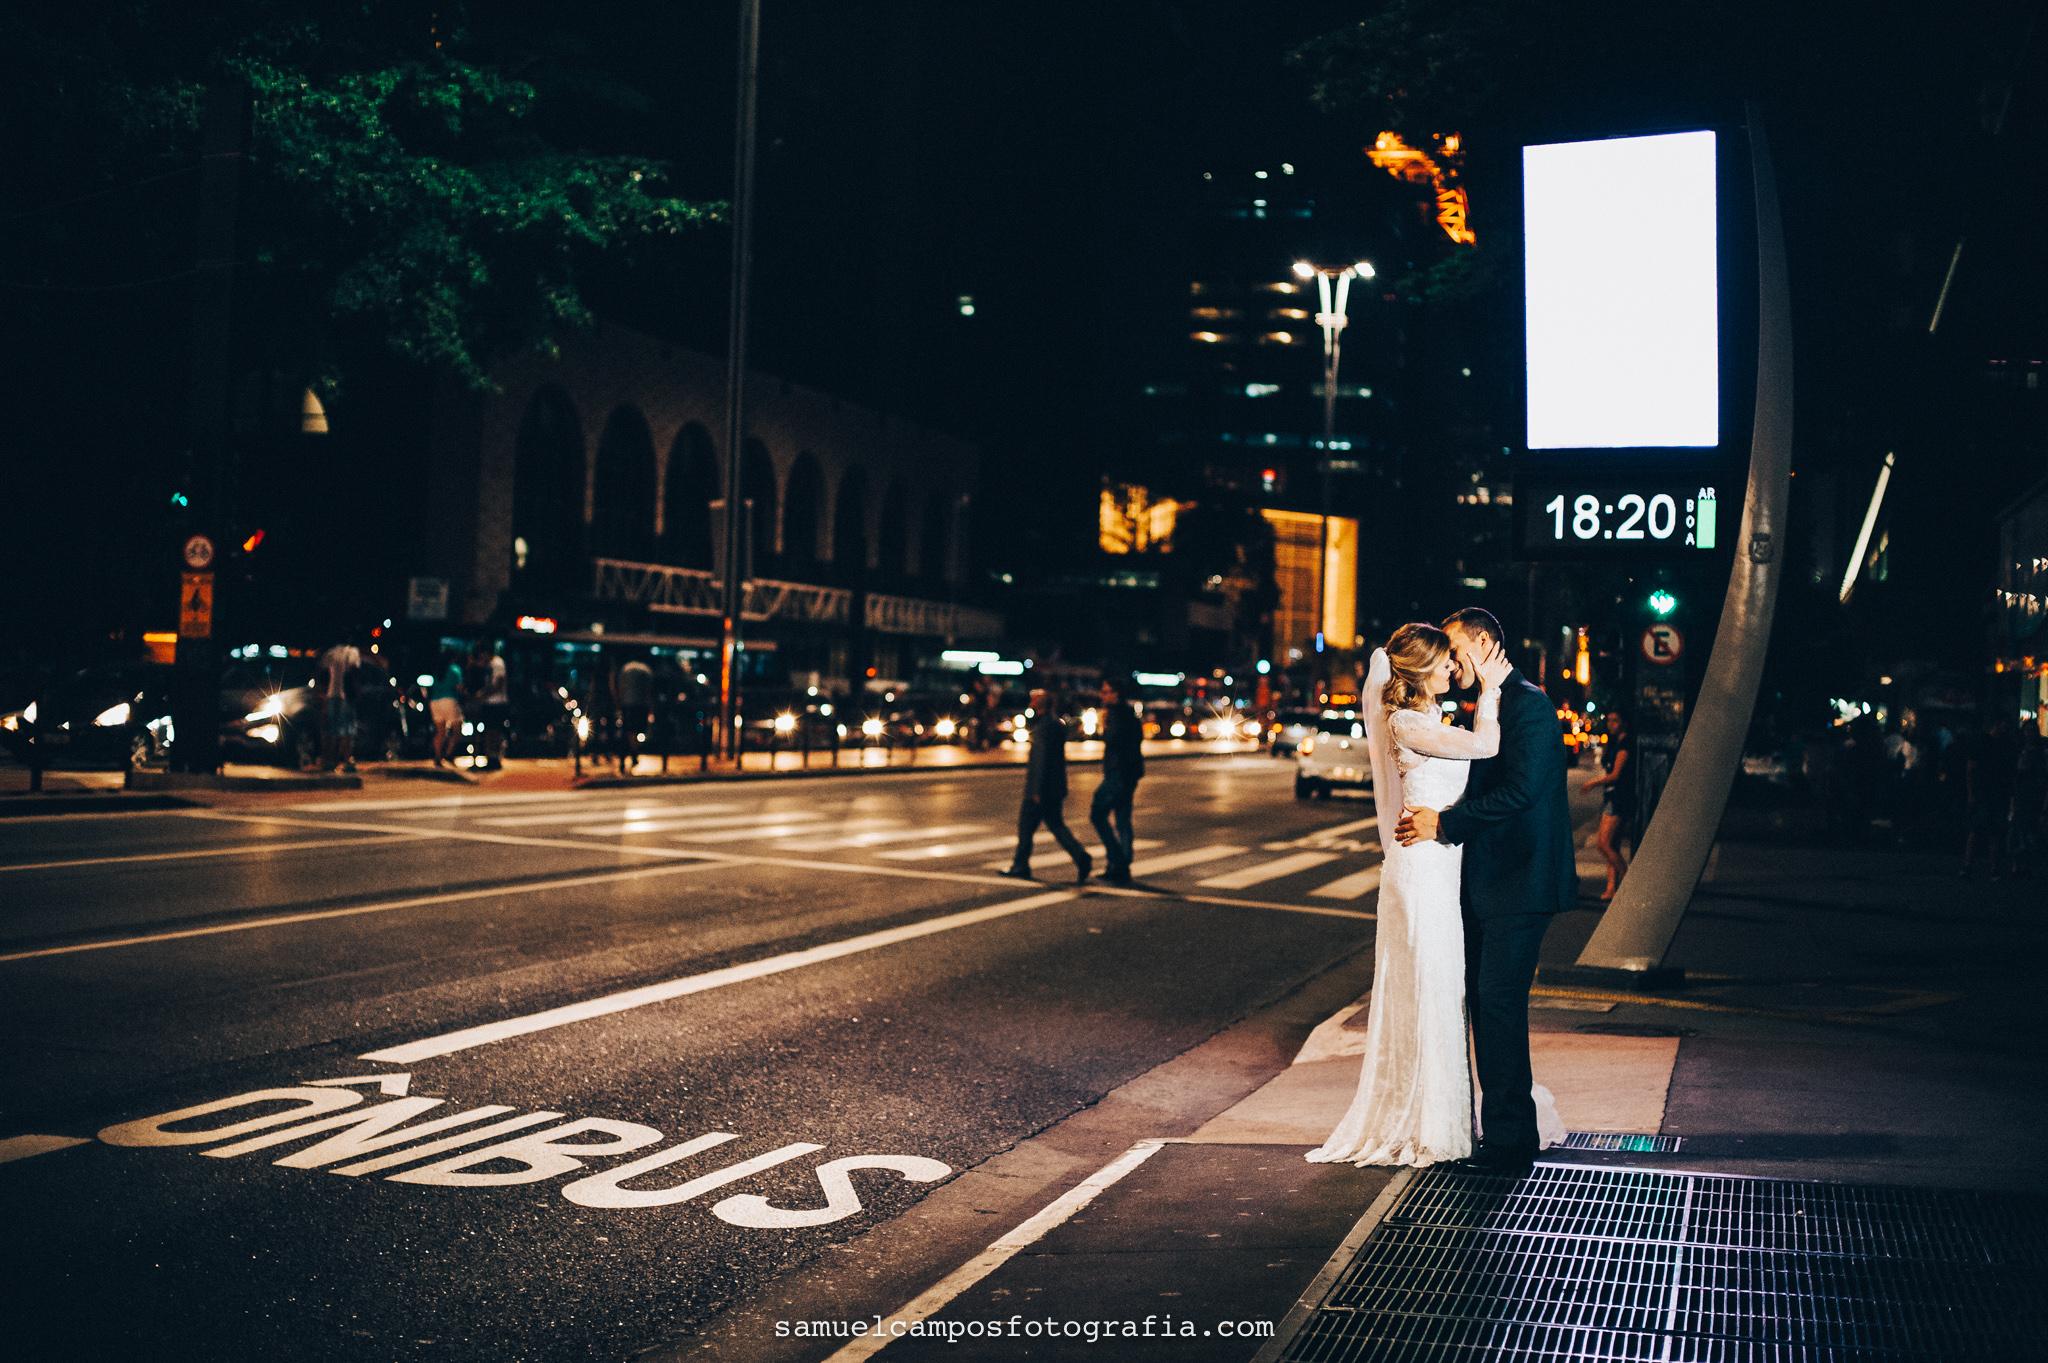 Contate Fotógrafo de casamento  | Samuel Campos Fotografia | Fotografia Documental | Fotos de casamento São Paulo SP,ABC,RJ,MG,DF, Brasil